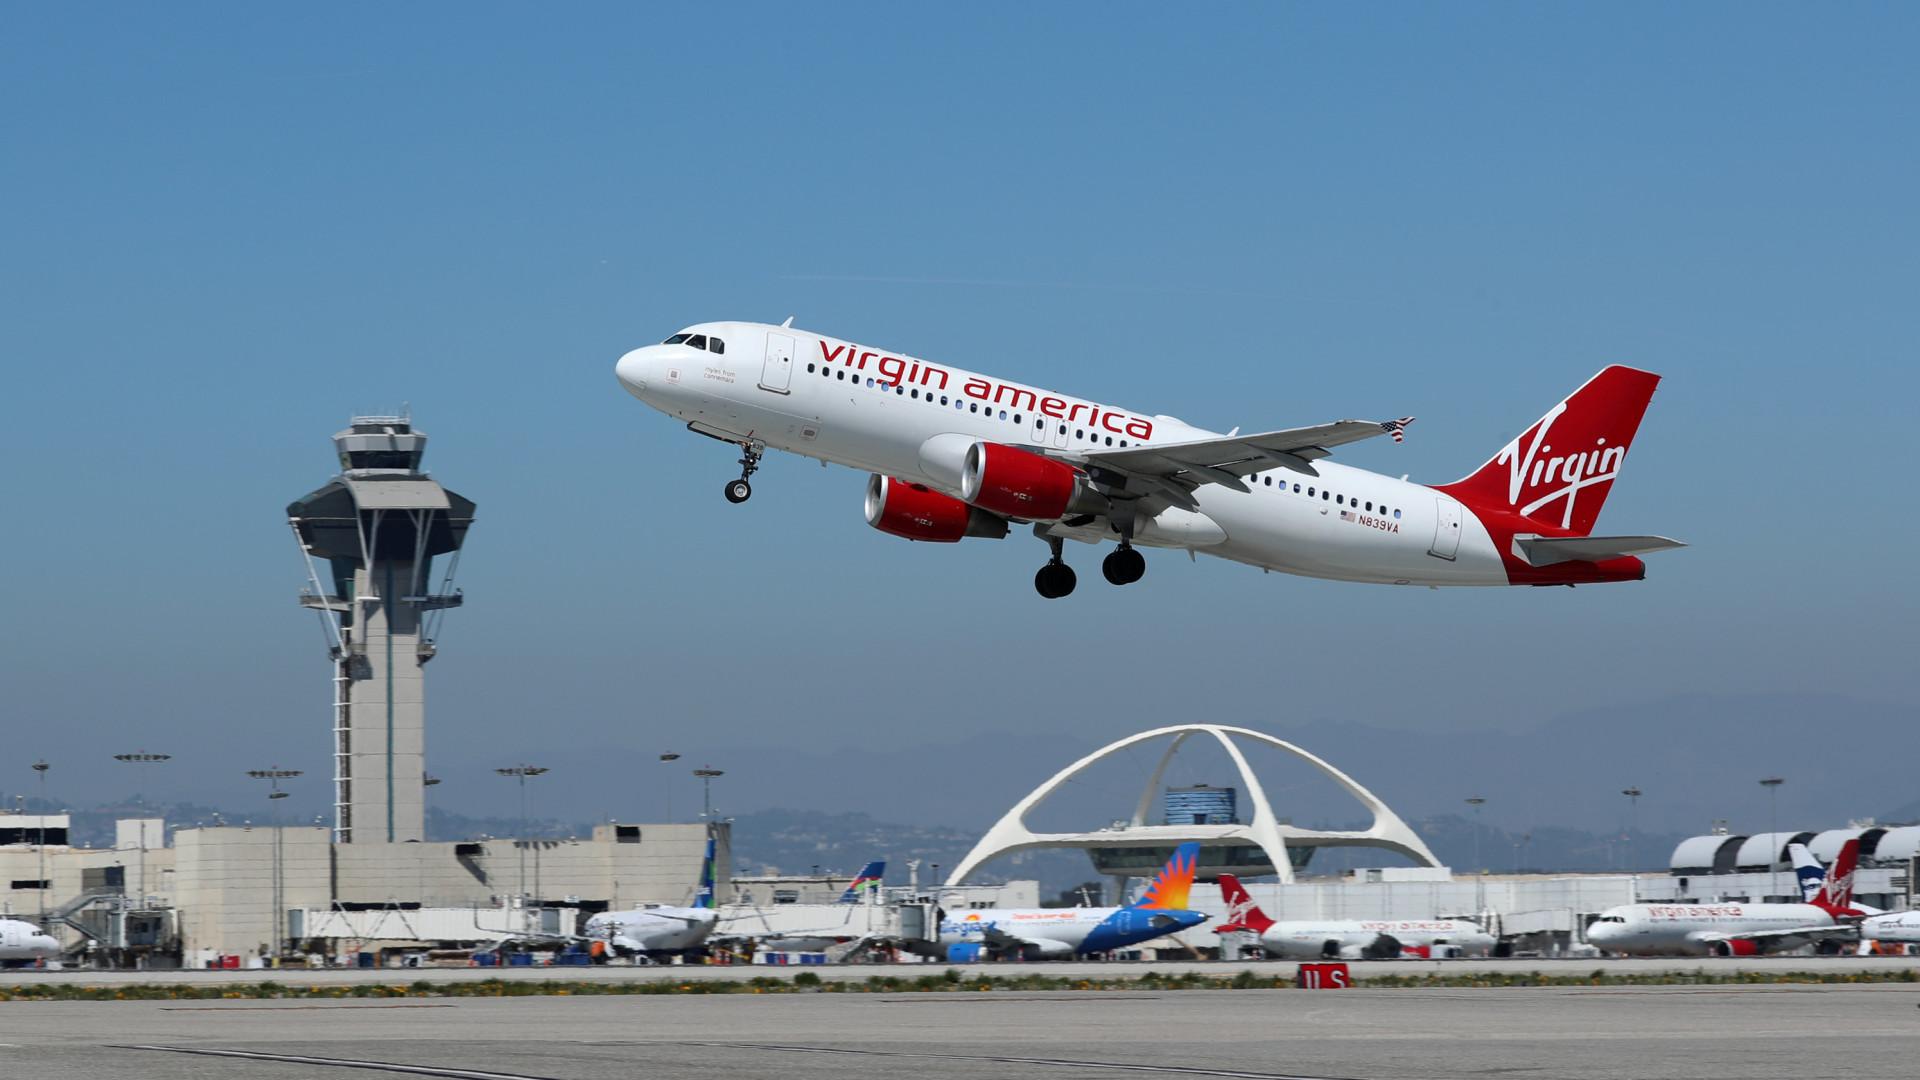 Virgin estreia na América do Sul com voo São Paulo-Londres